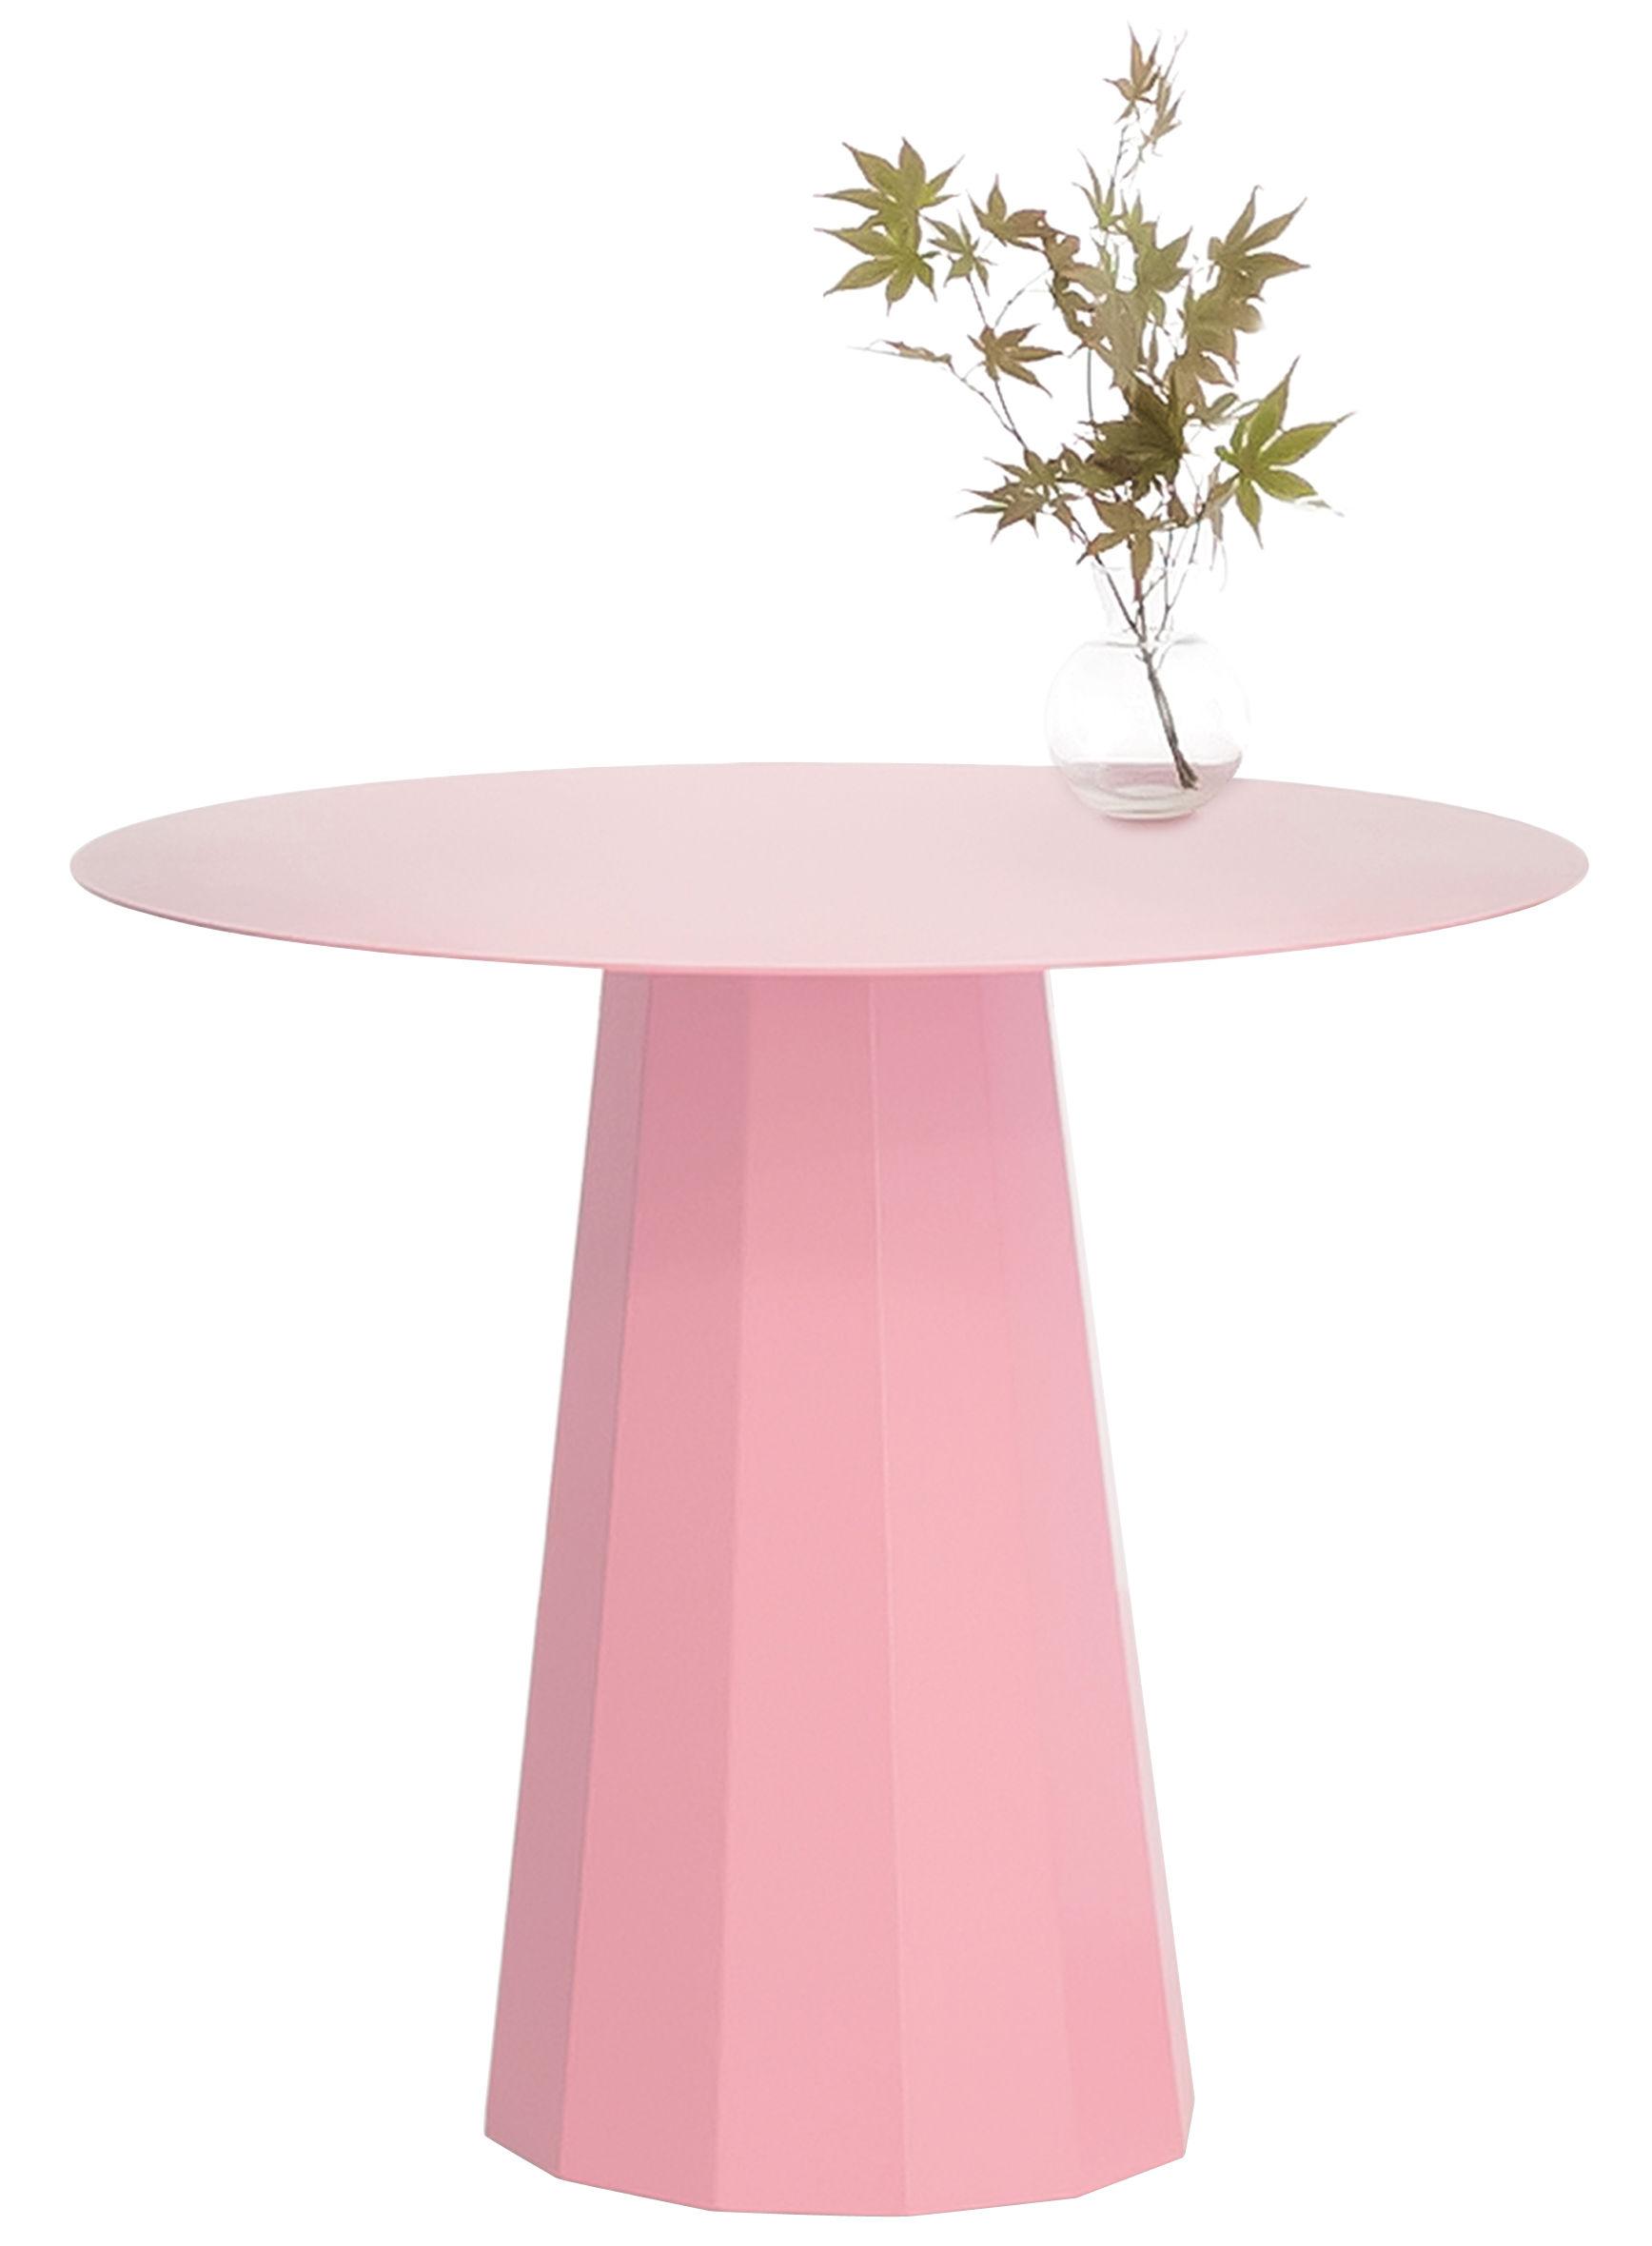 Arredamento - Tavolini  - Tavolino rotondo Ankara M - / Ø 70 x H 60 cm di Matière Grise - Rosa chiaro - Acciaio